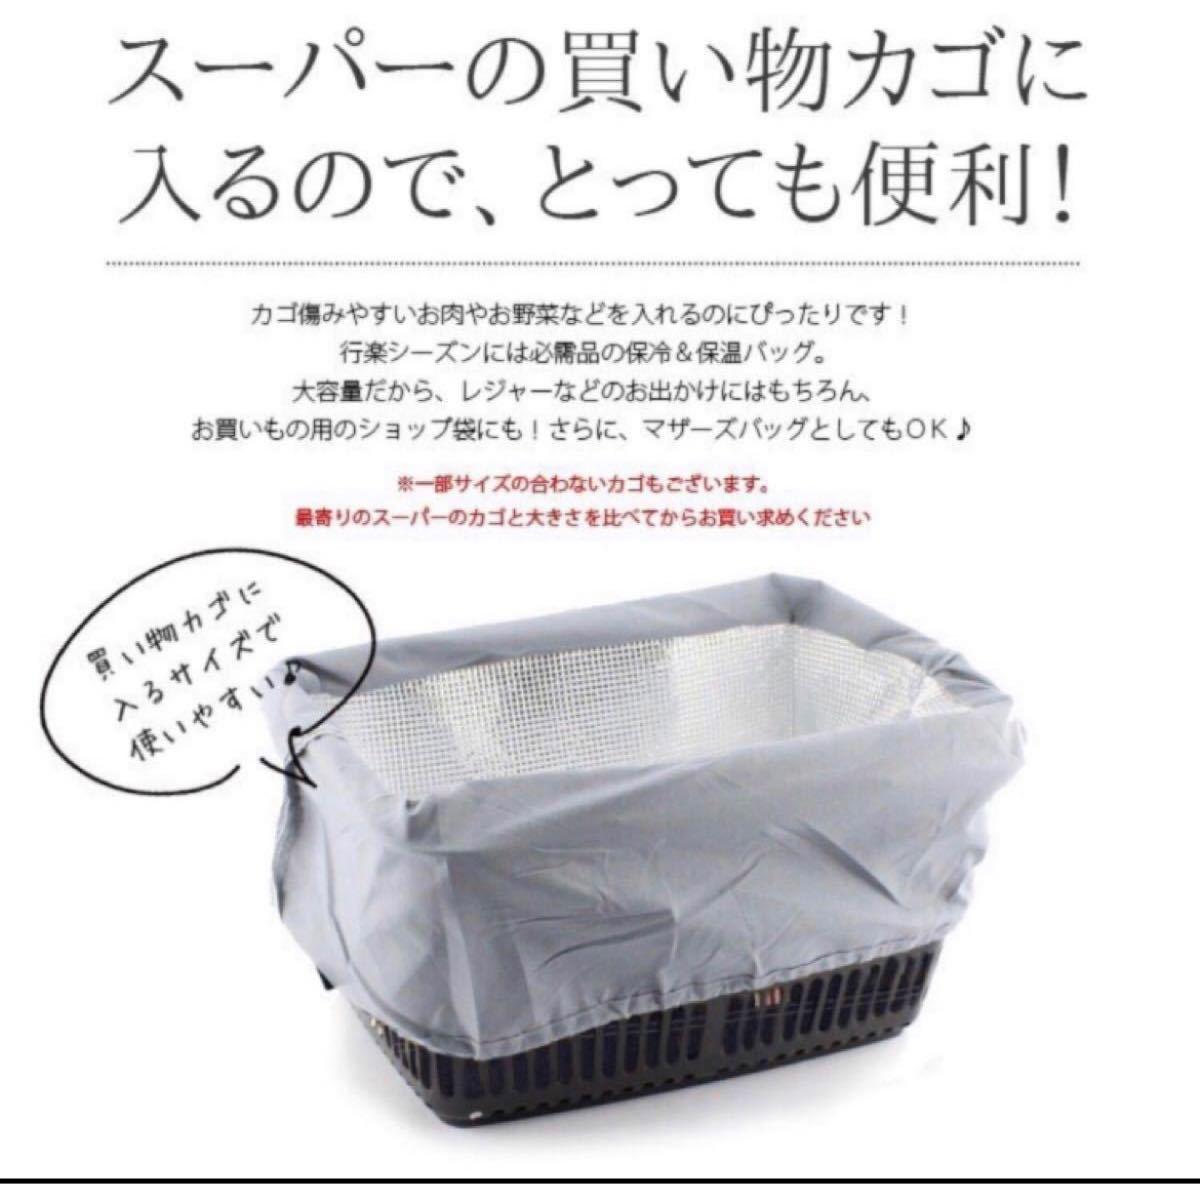 エコバッグ レジカゴバッグ 大容量 保冷温 BIGバッグ ショッピングバッグ